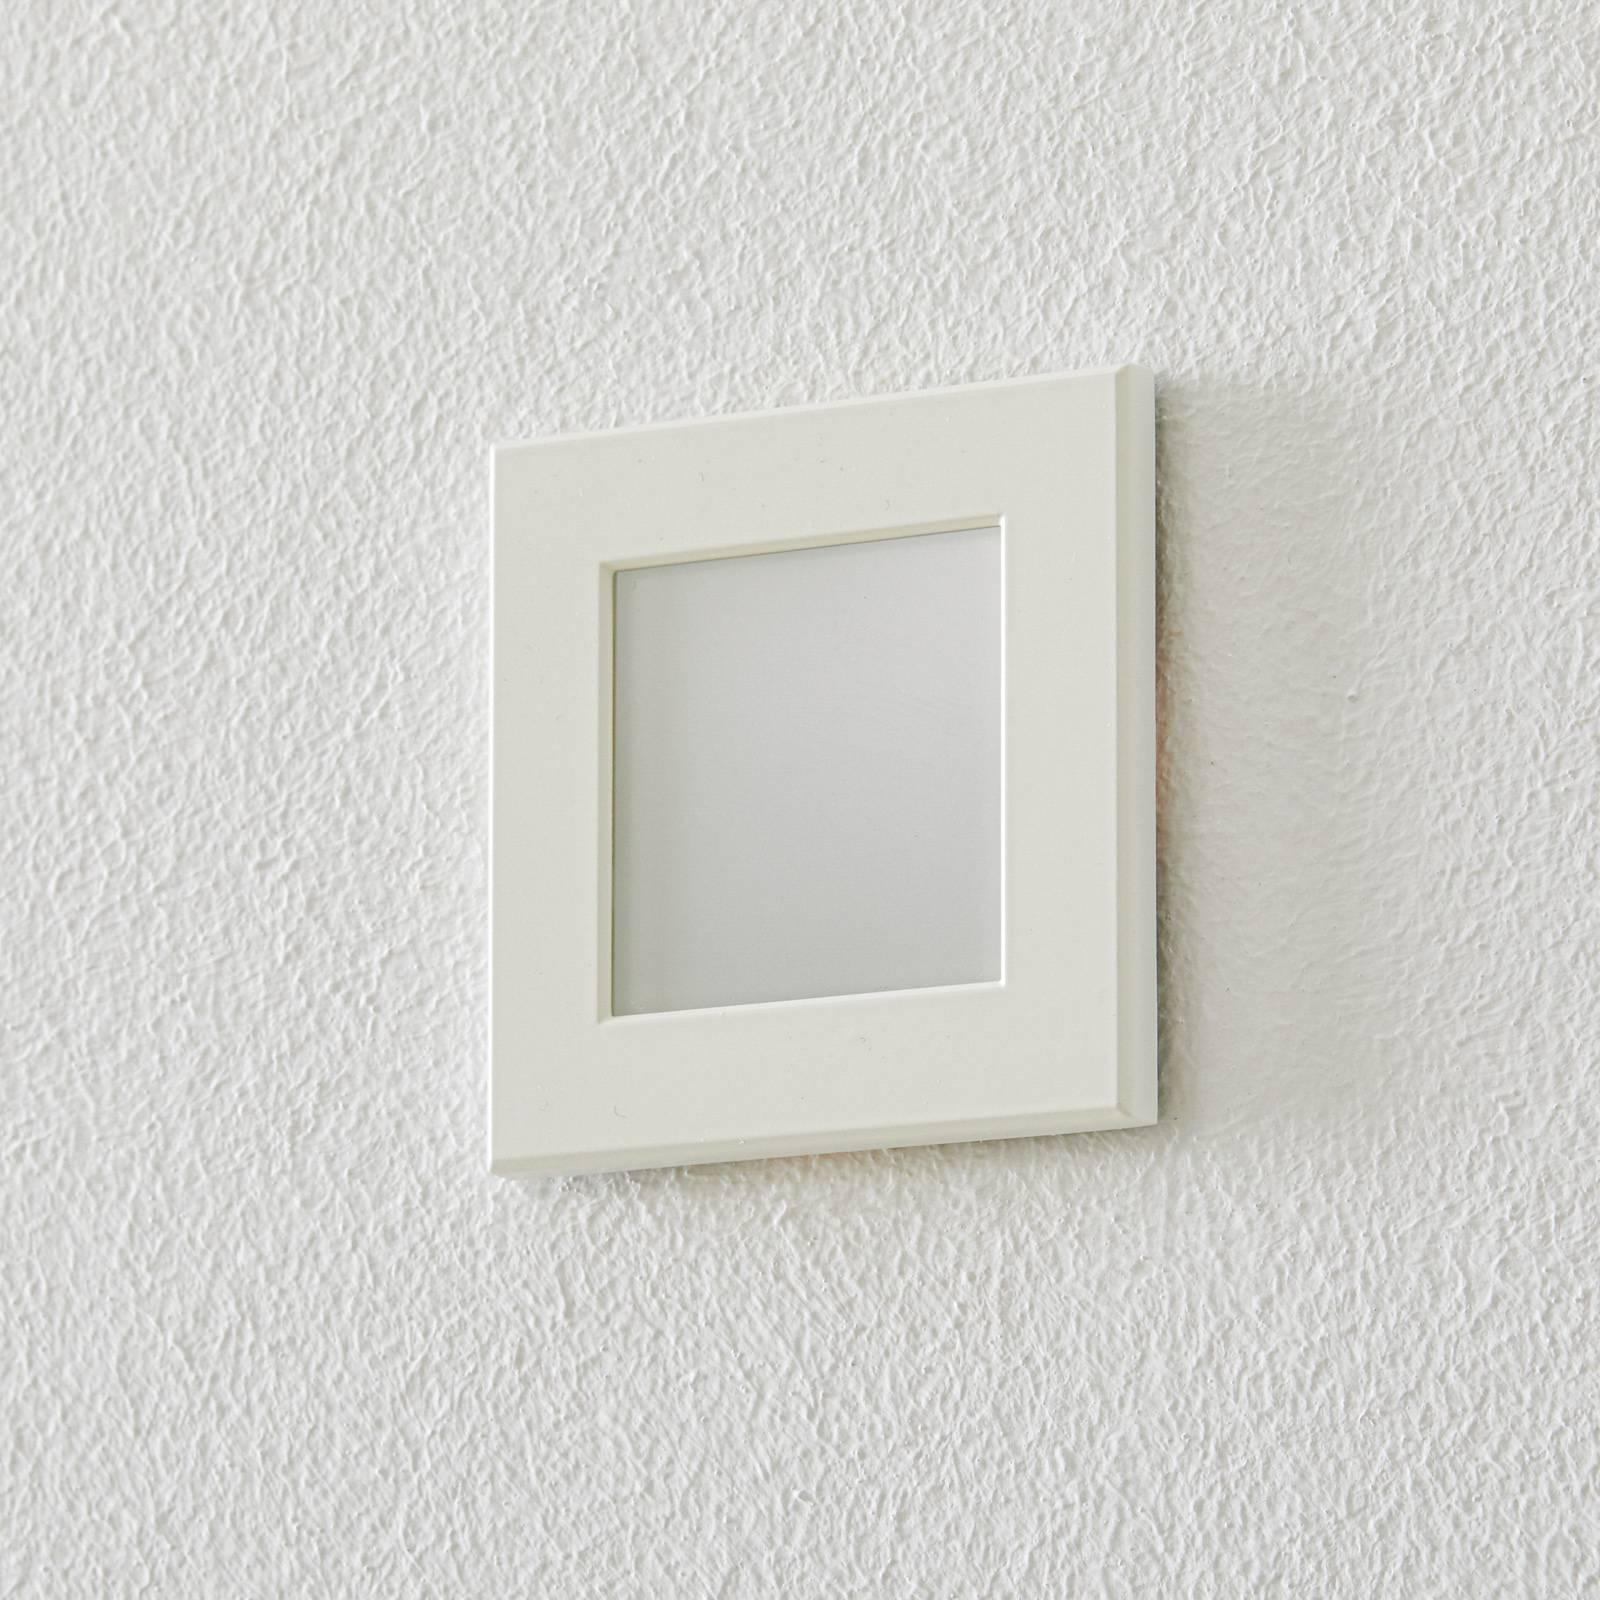 BEGA Accenta seinä kulmikas kehys valkoinen 315lm